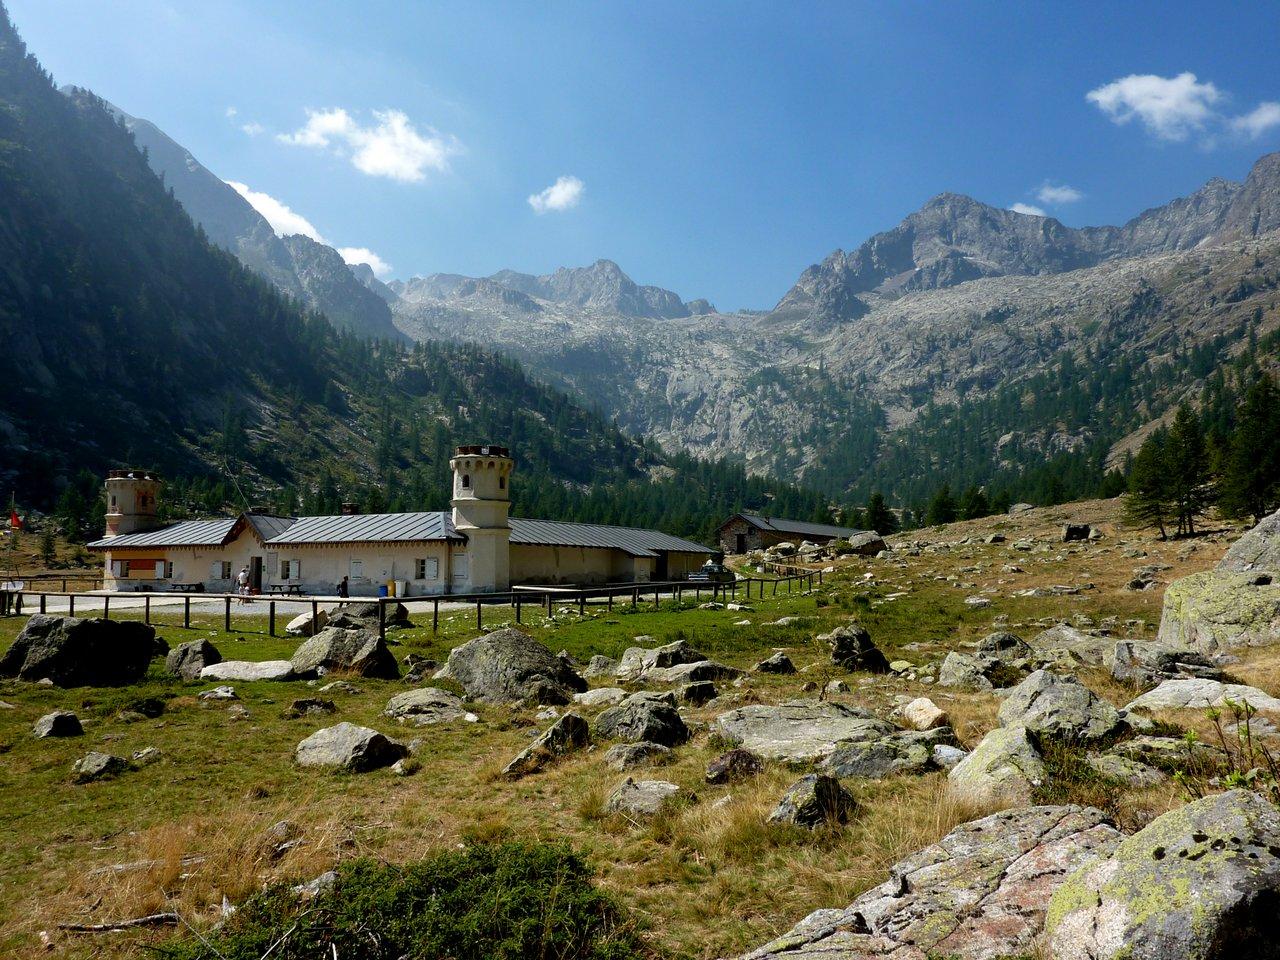 escursione ai laghi di fremamorta. rifugio del valasco